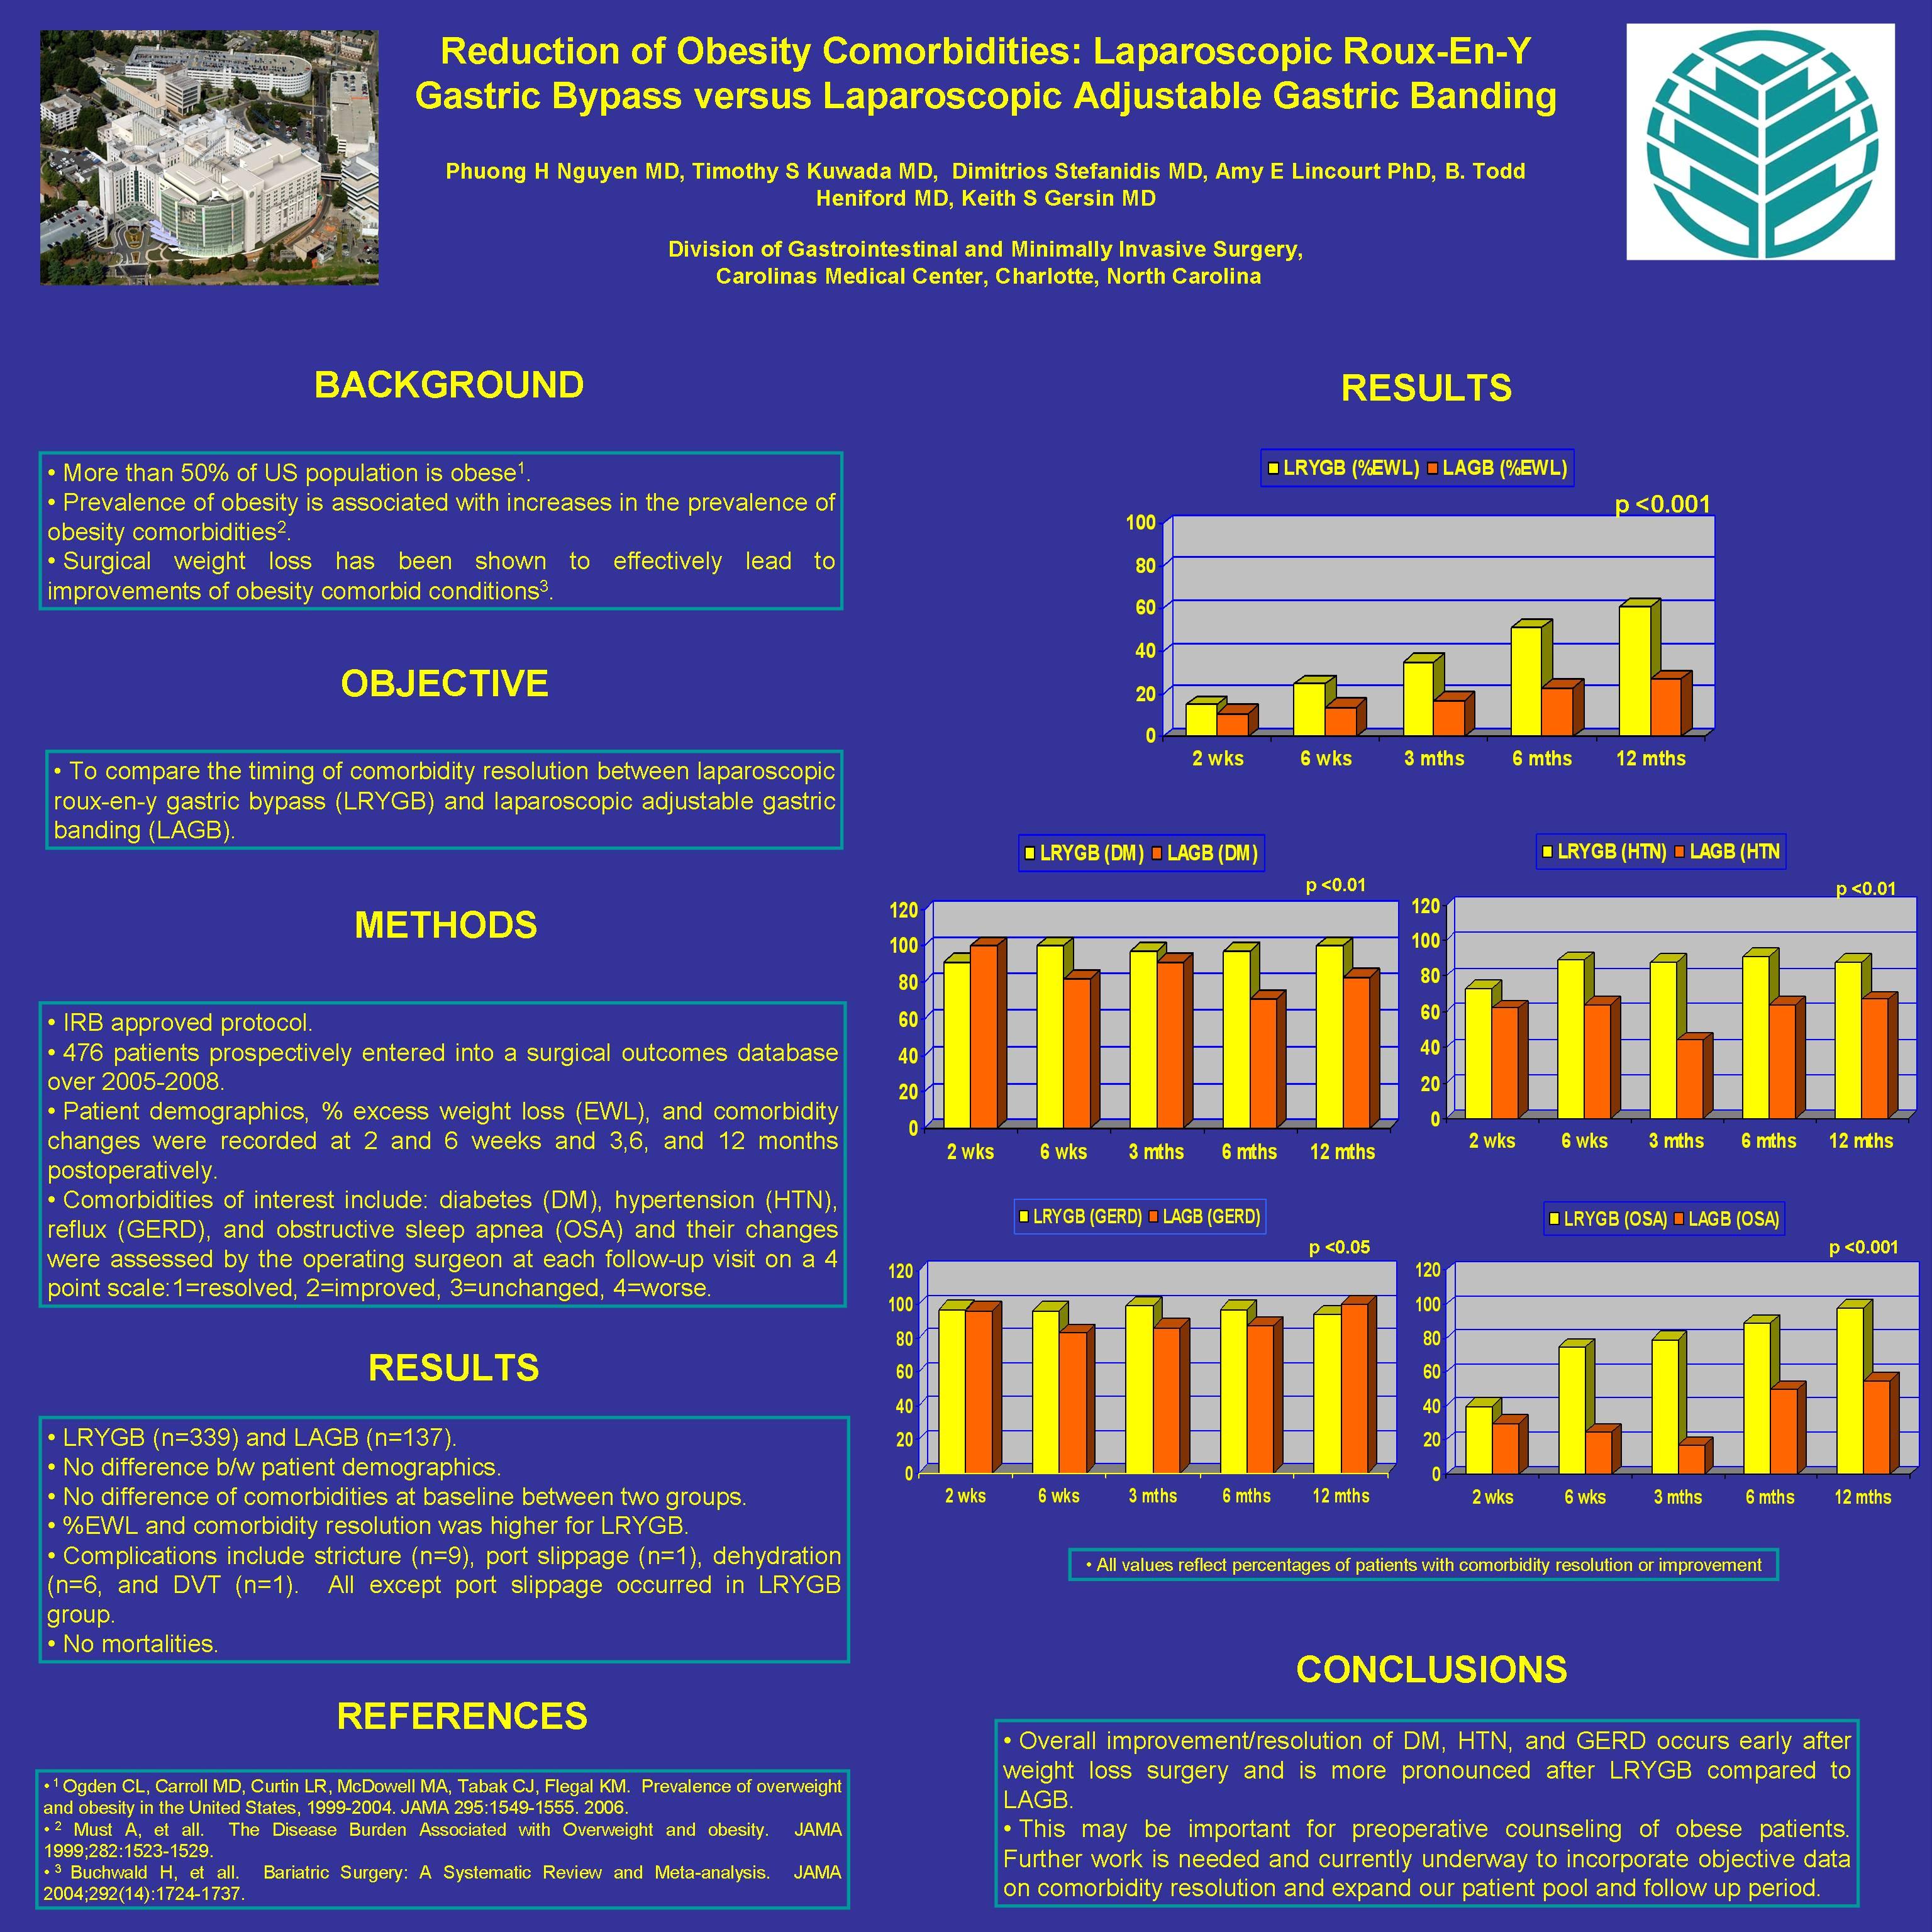 Reduction Of Obesity Comorbidities Laparoscopic Roux En Y Gastric